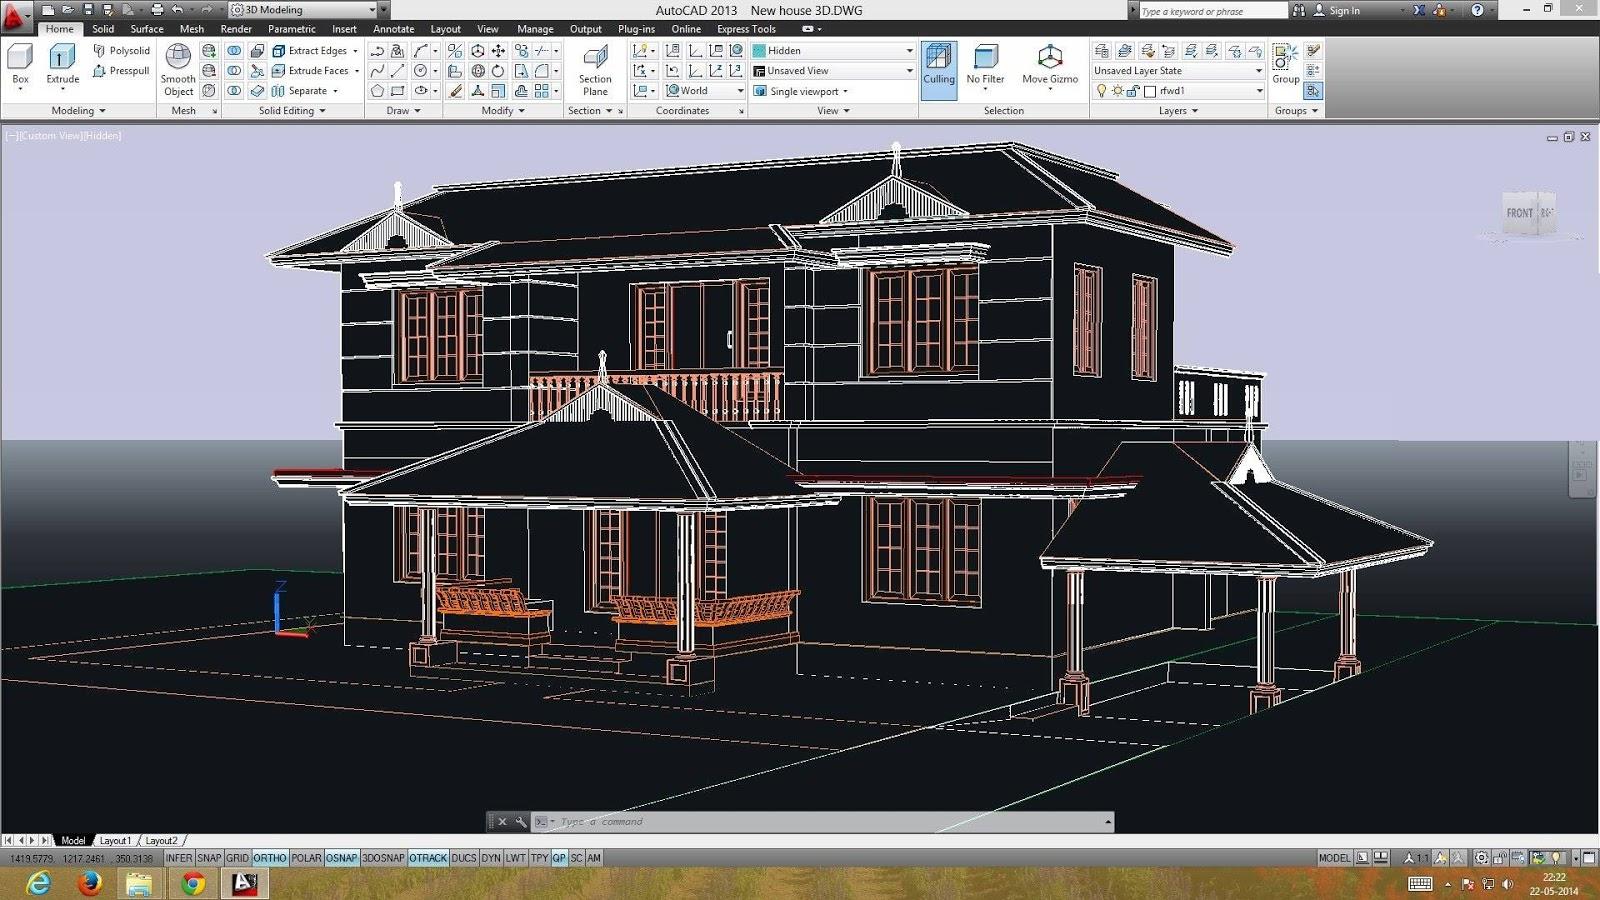 بههێزترین بهرنامه بۆ دروست كردنی خانو و بینا و كاری ئهندازیاری AutoCAD 2017 [x32 & x64